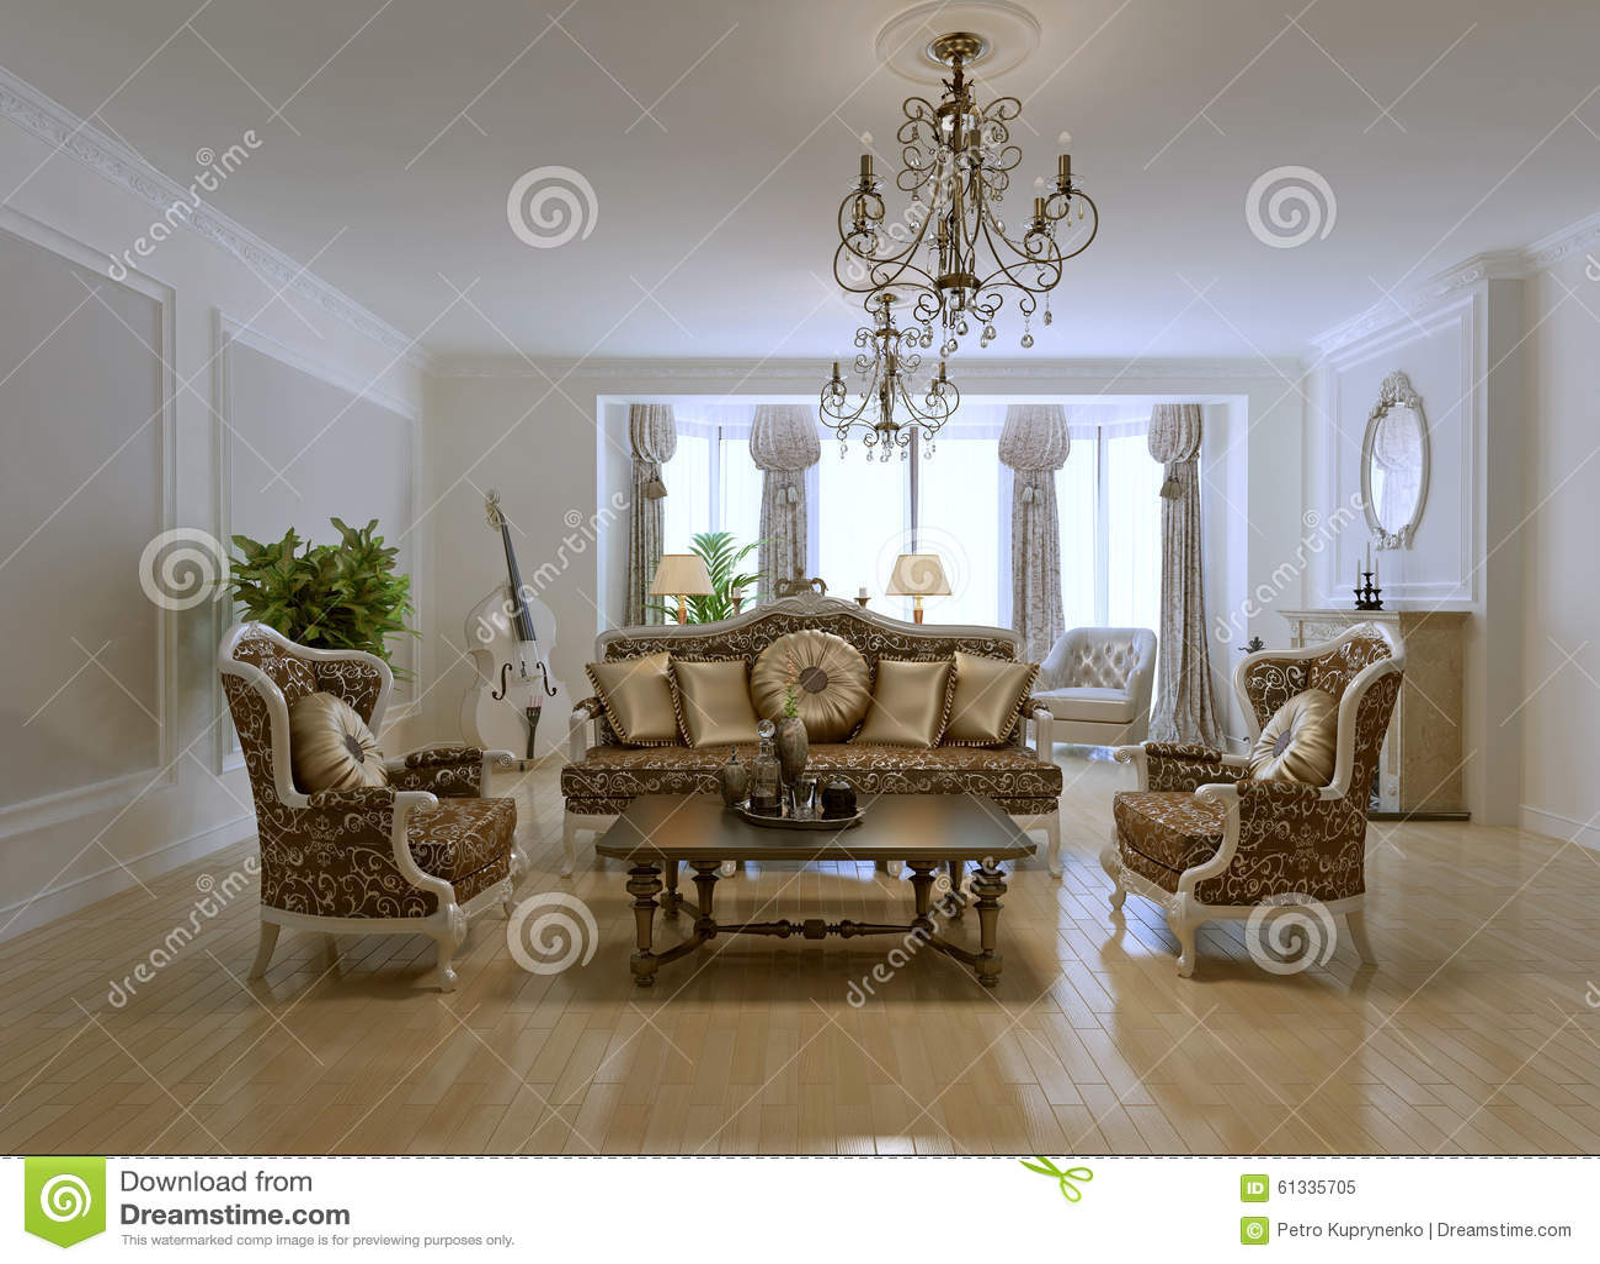 Ontwerp van rijke woonkamer stock illustratie   afbeelding: 61335705